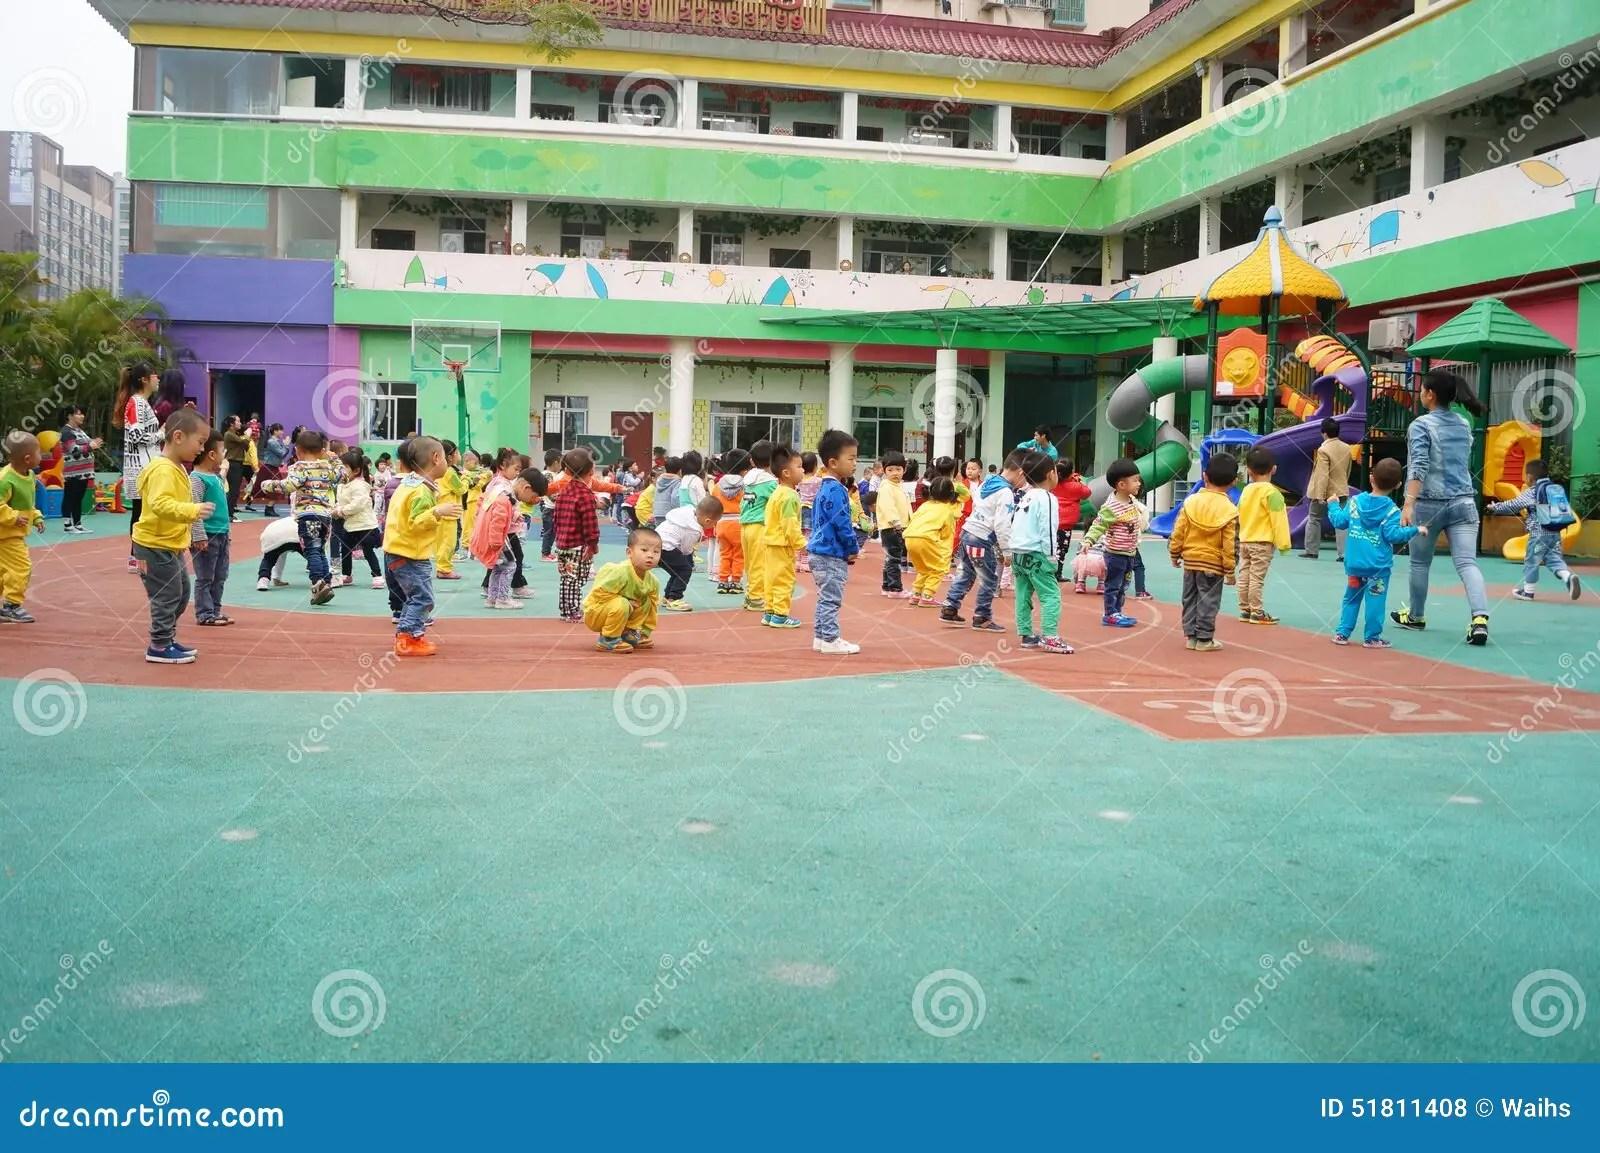 Shenzhen China Kindergarten Playground Children In